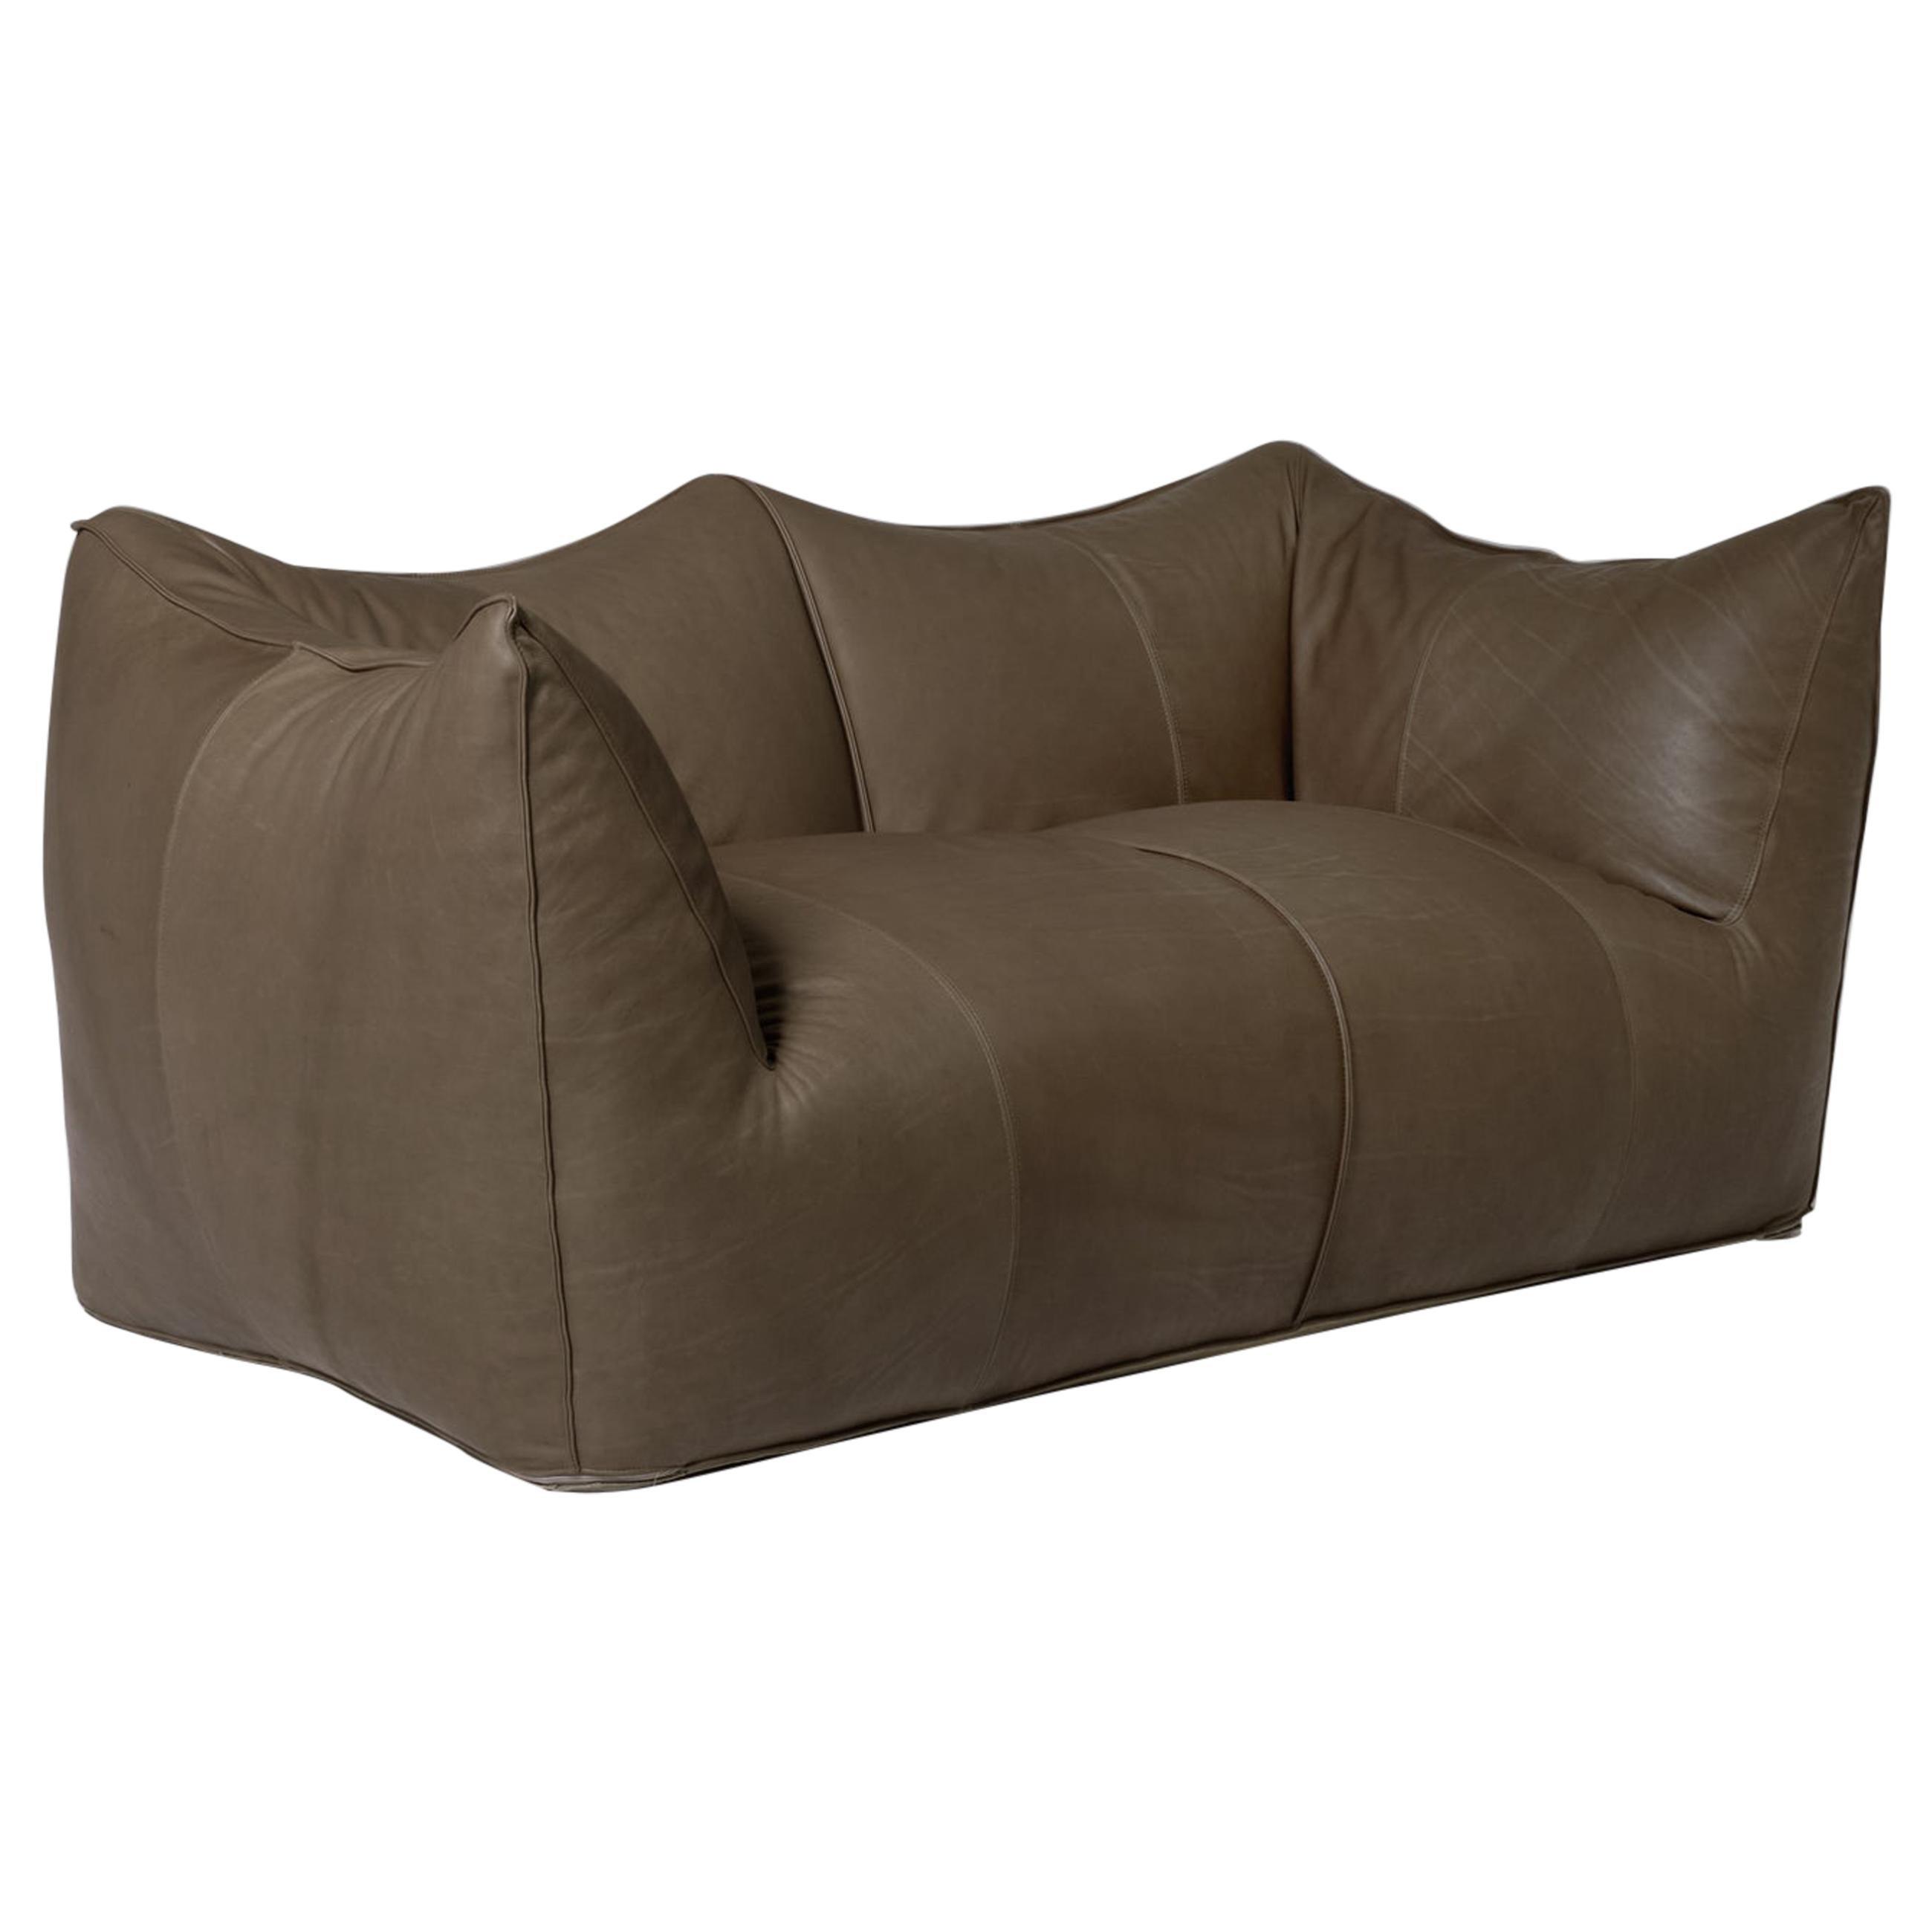 Mario Bellini 'Le Bambole' Leather Two-Seat Sofa for B&B Italia, 1972